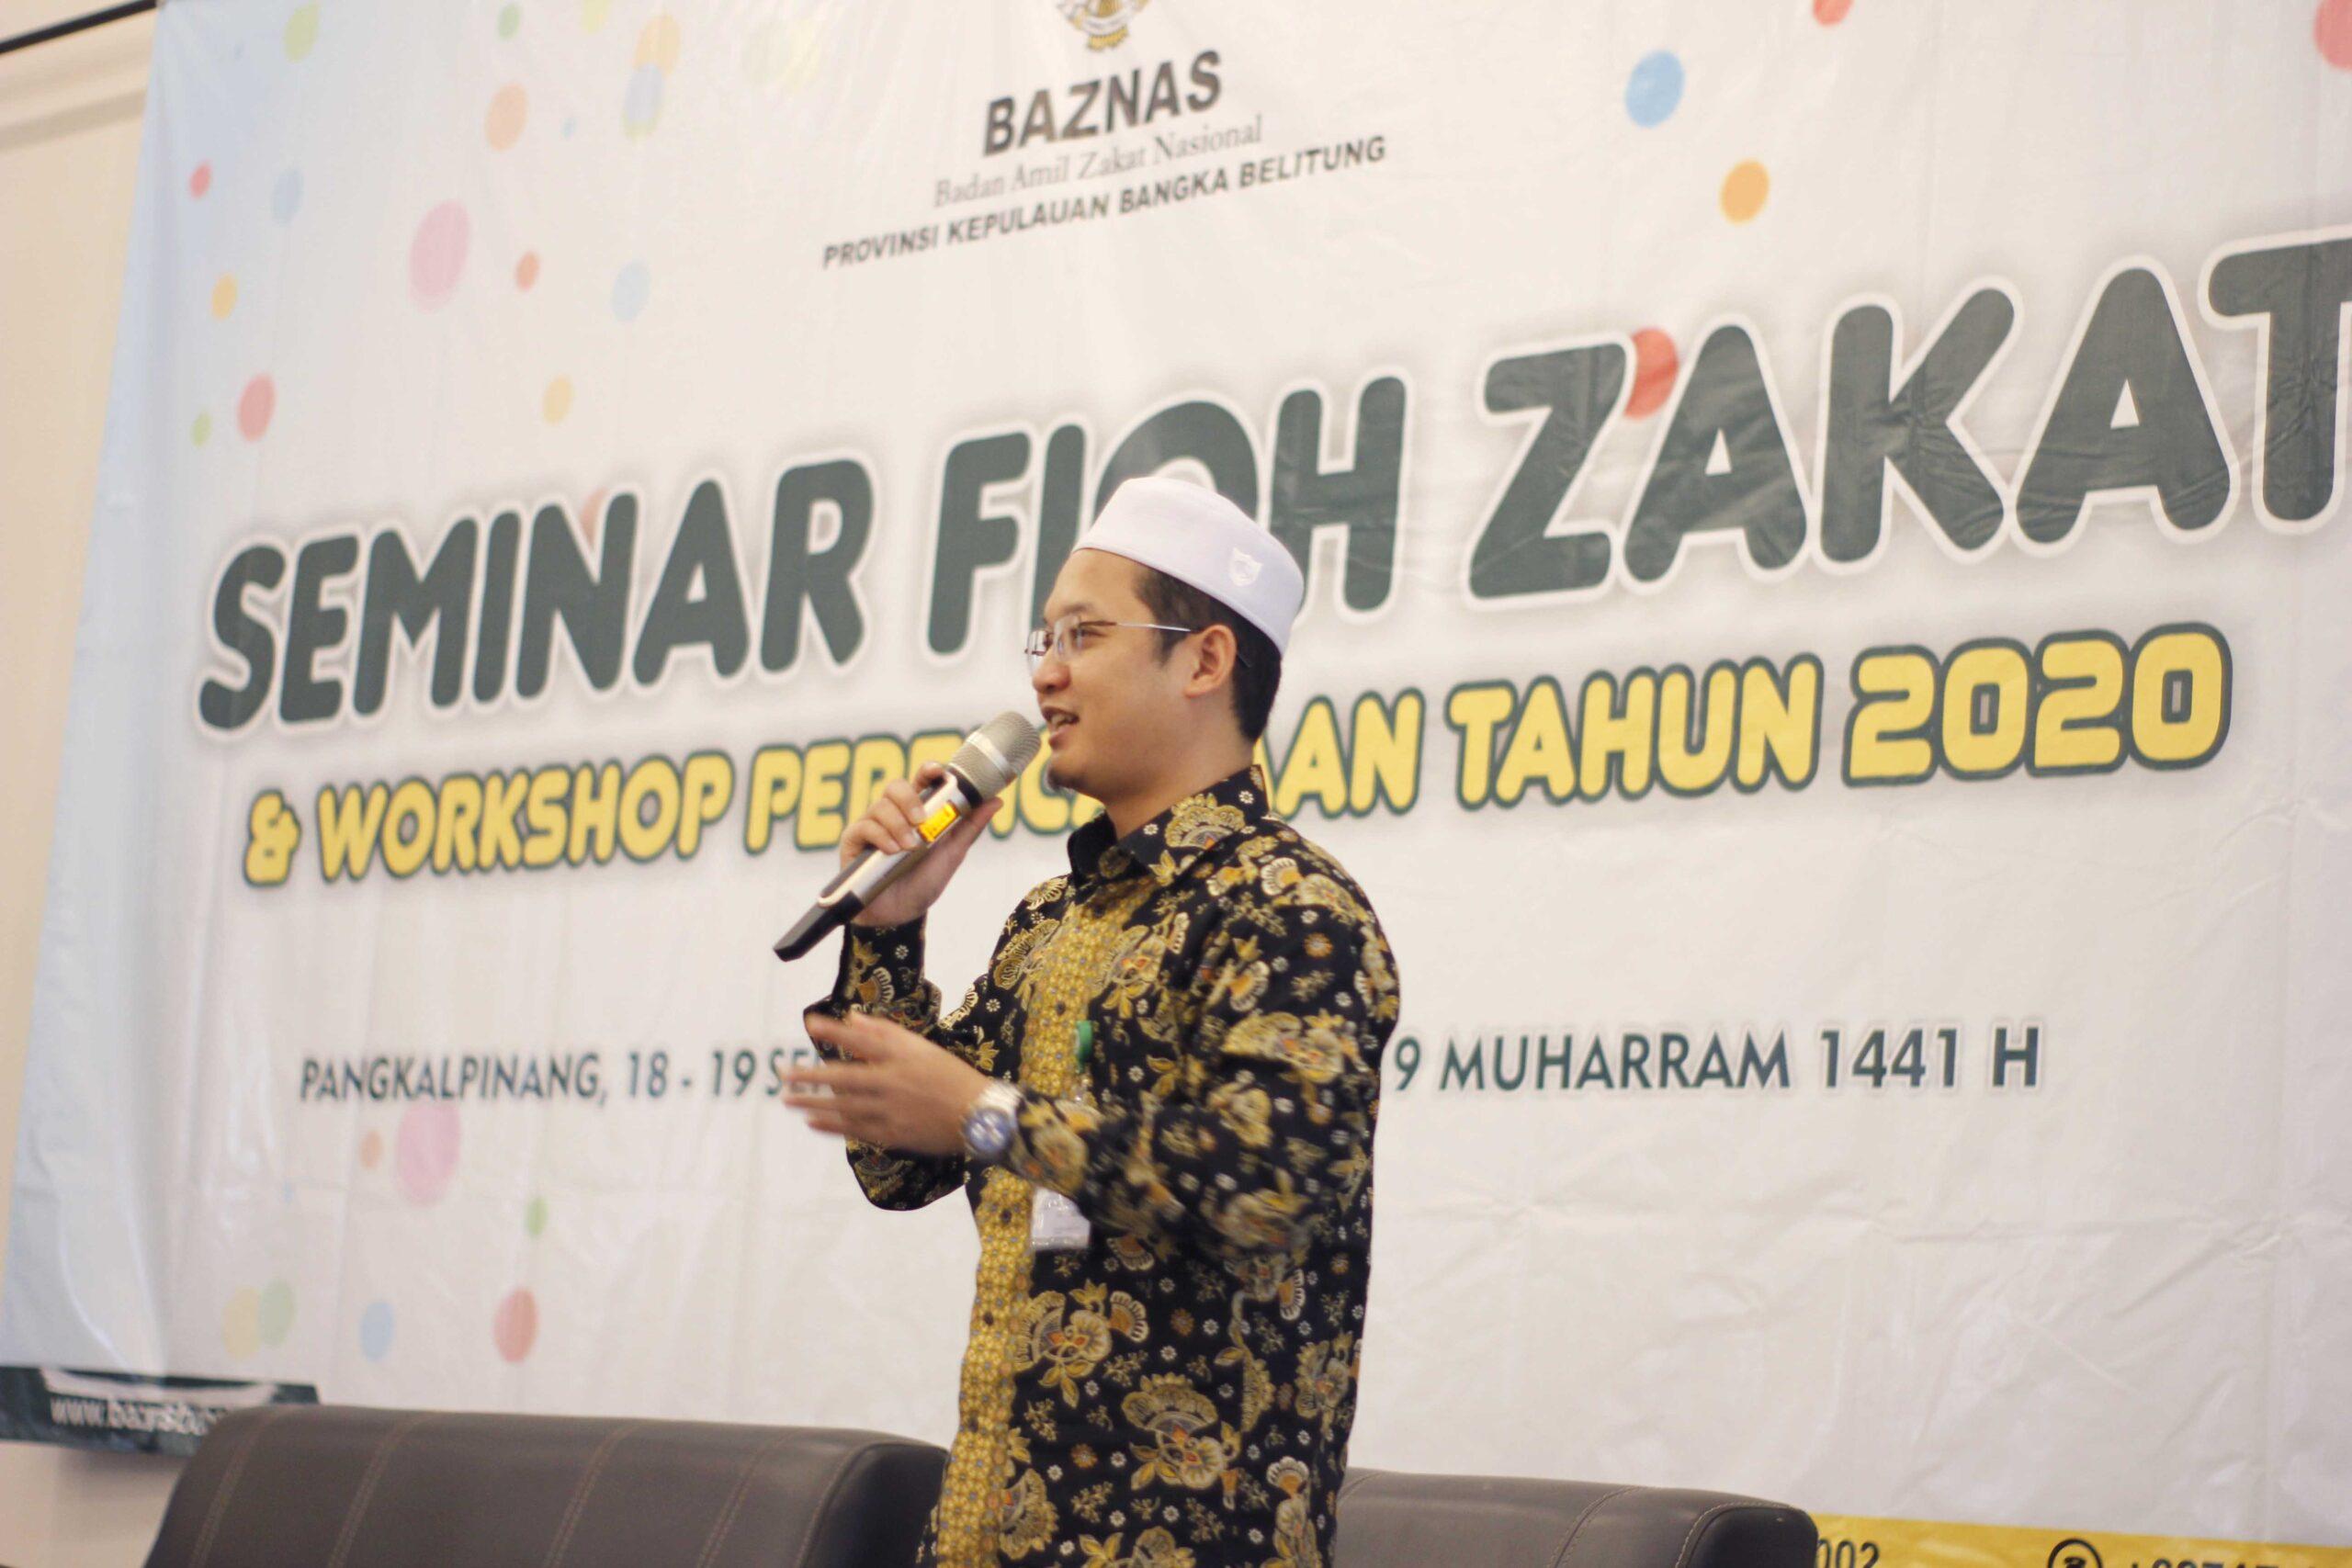 Seminar Fiqh Zakat